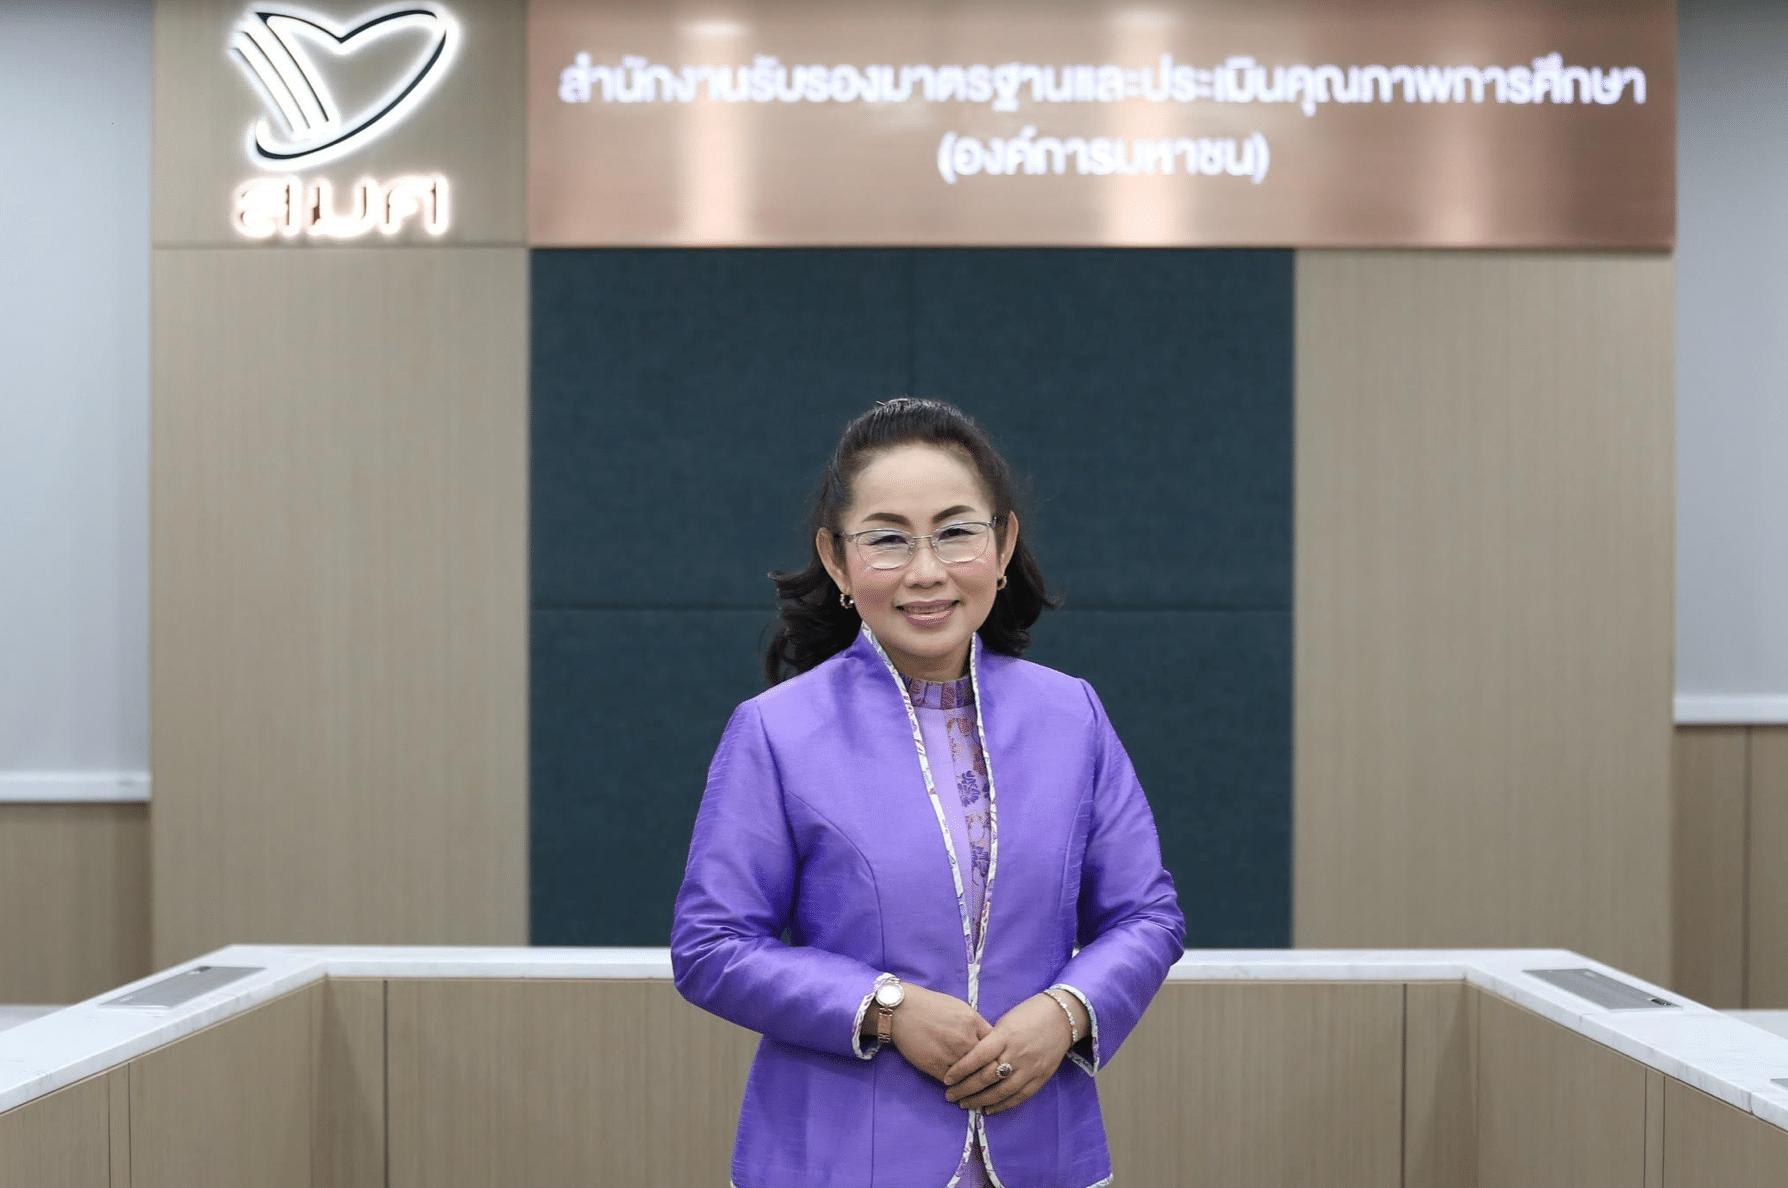 ดร.นันทา หงวนตัด รักษาการผู้อำนวยการสำนักงานรับรองมาตรฐานและประเมินคุณภาพการศึกษา หรือ สมศ